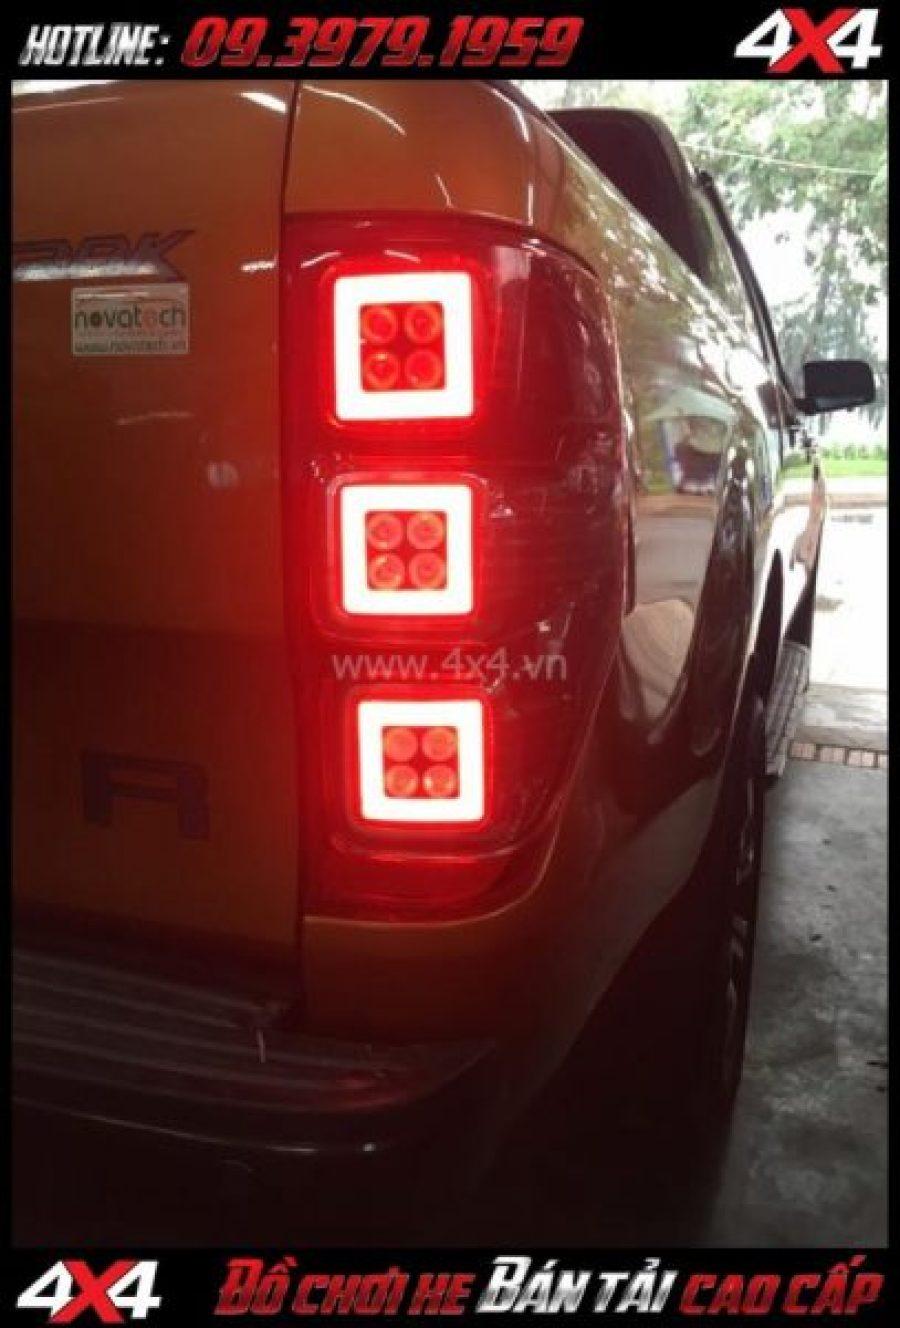 Picture Đèn hậu Ford Ranger gắn đẹp và nổi bật cho xe pickup Ford Ranger ở Tp.HCM